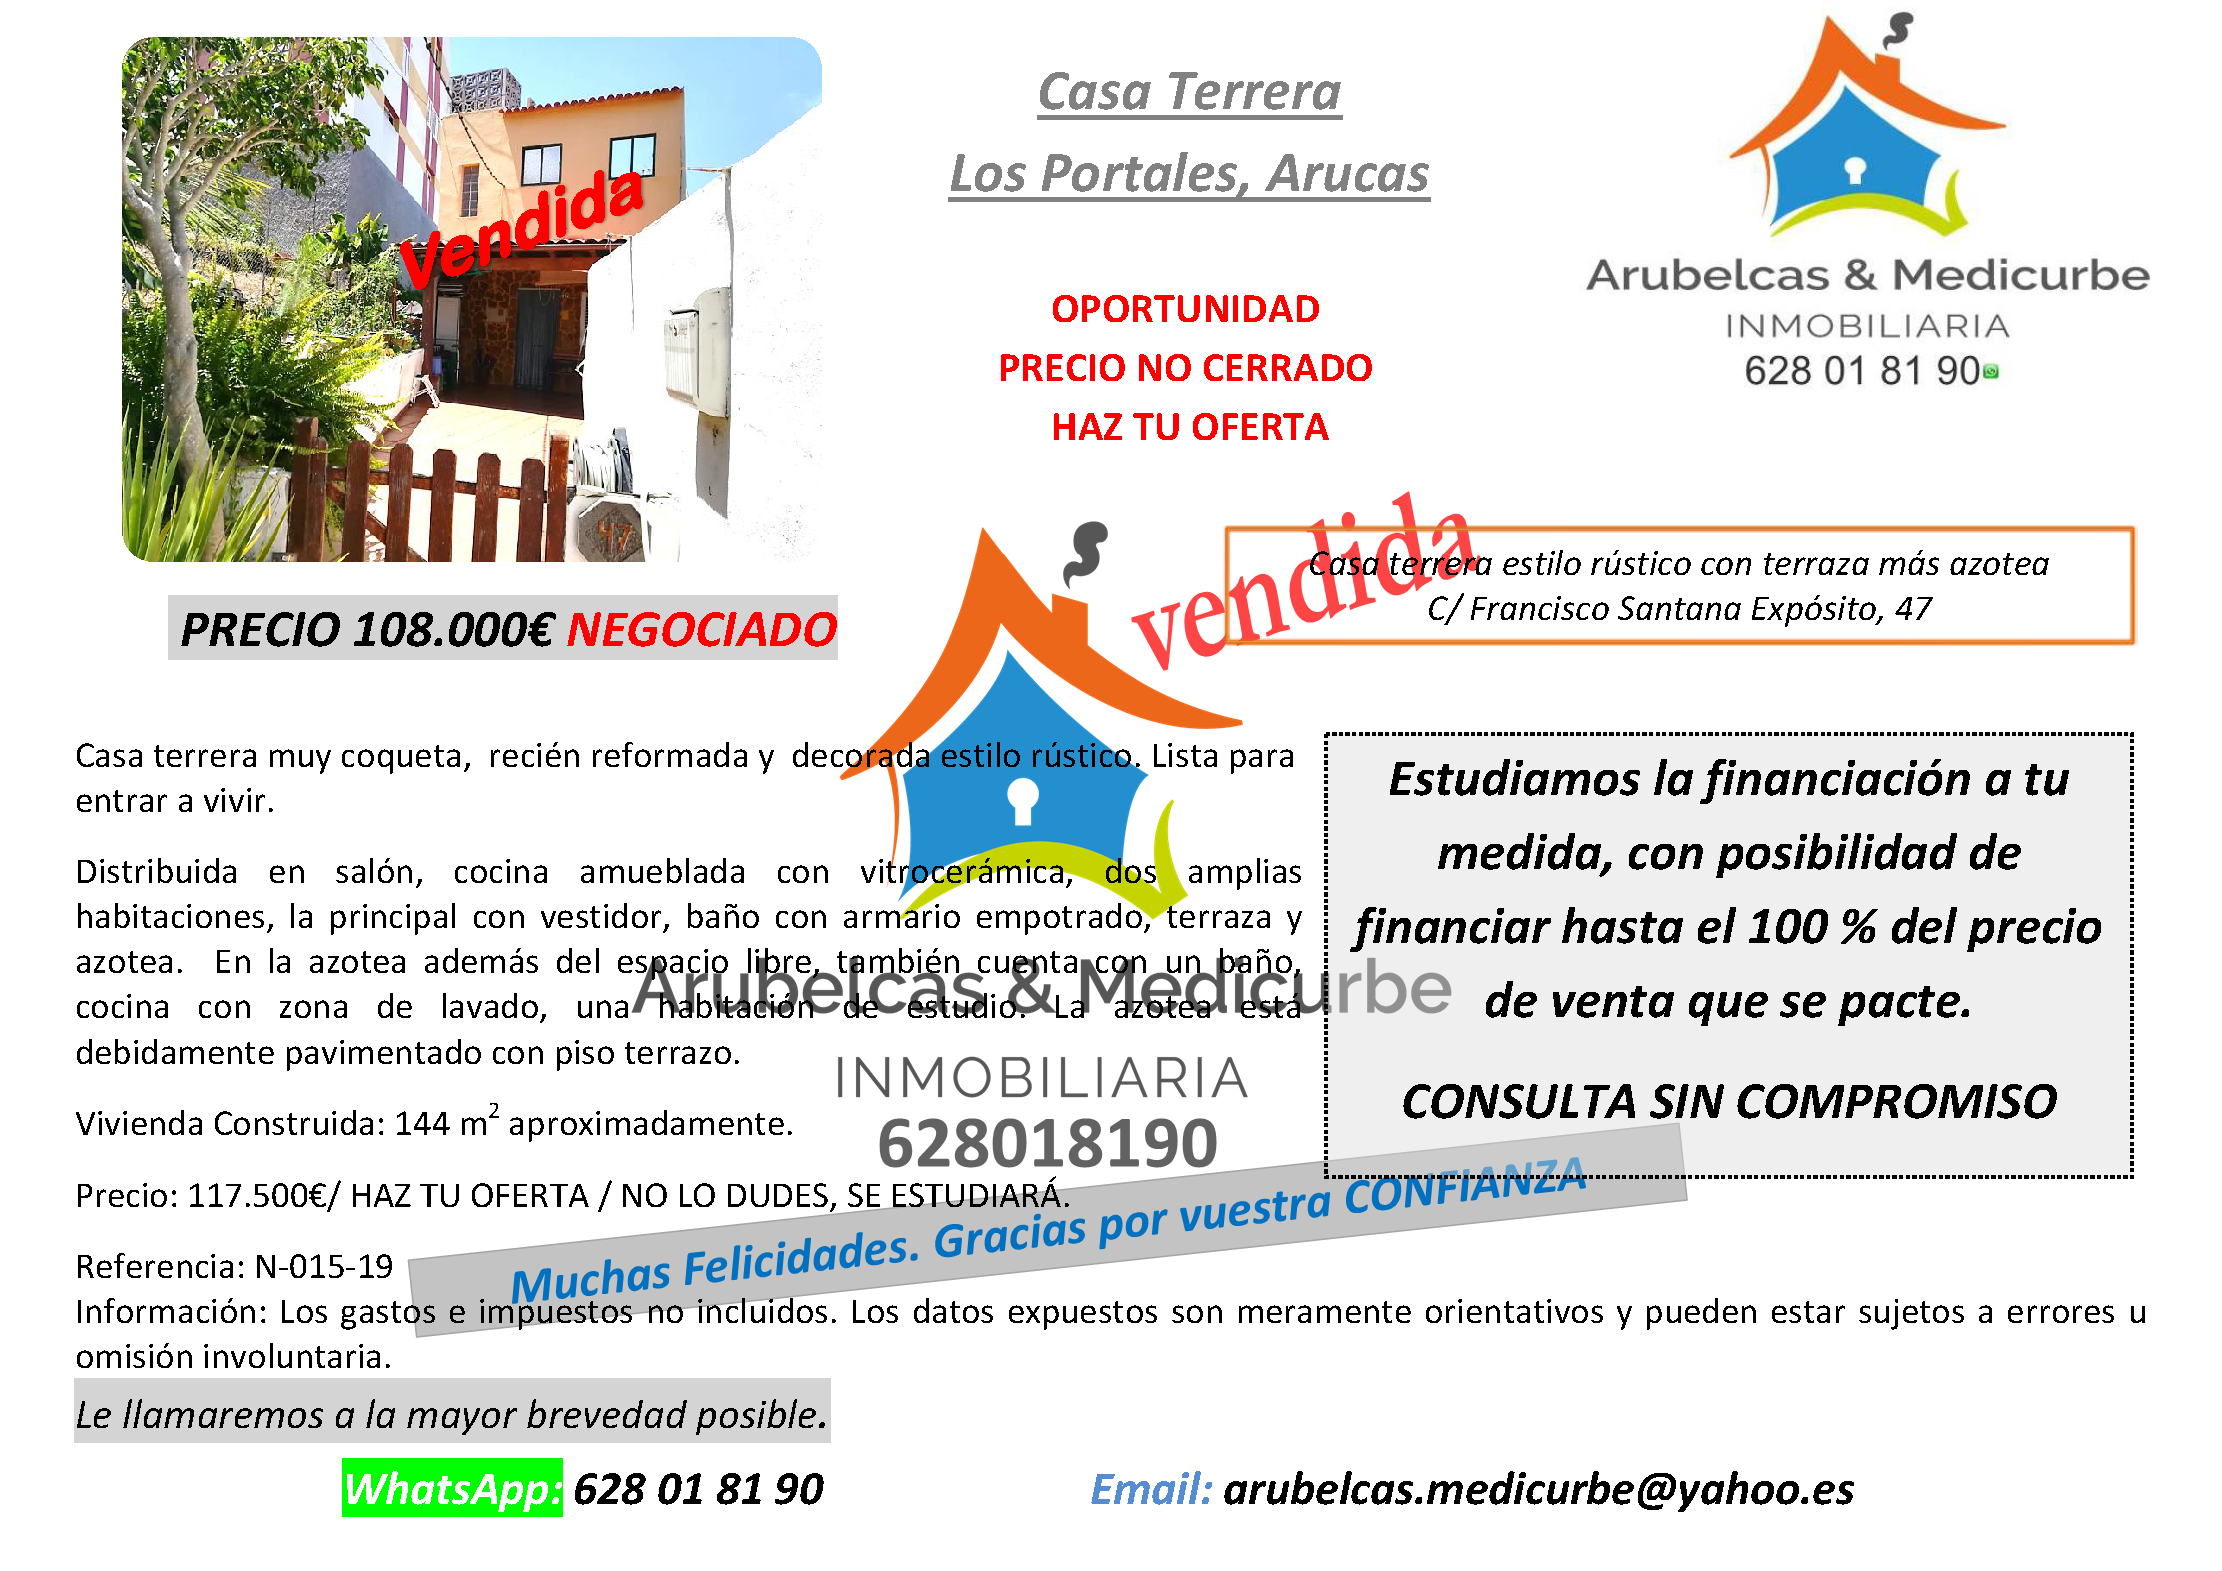 VENDIDA Casa Terrera en los Portales-Arucas